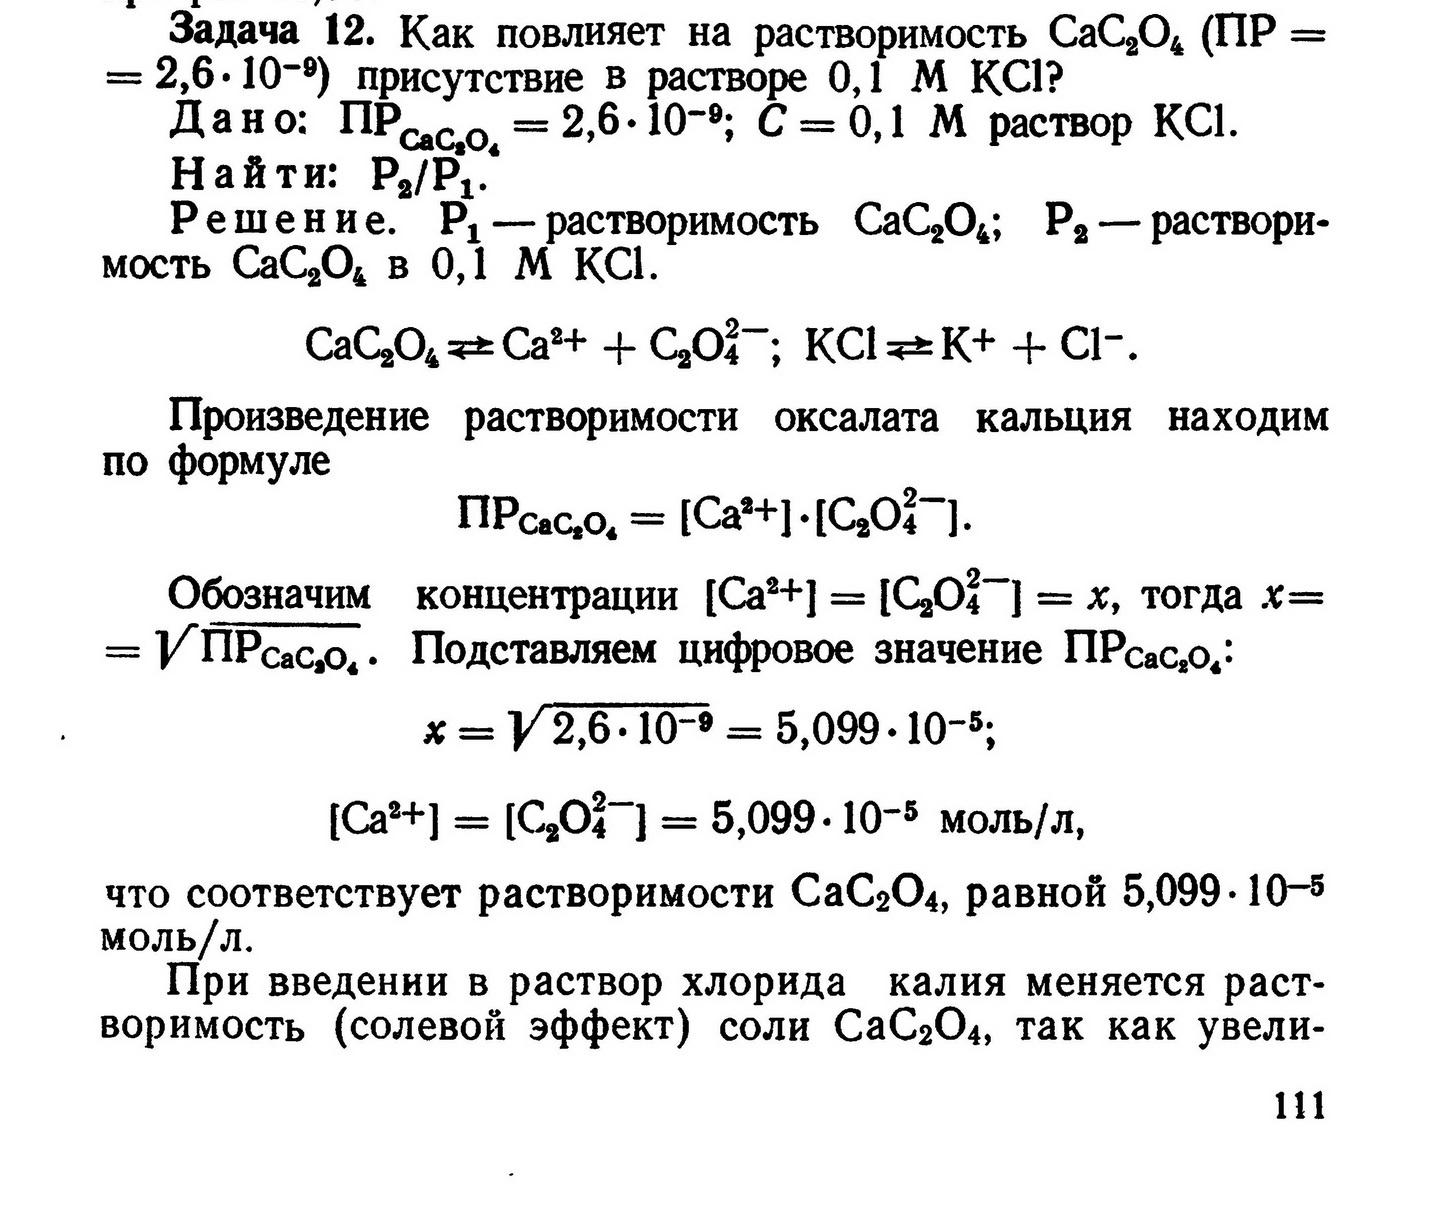 аналитической воскресенский химии по решебник